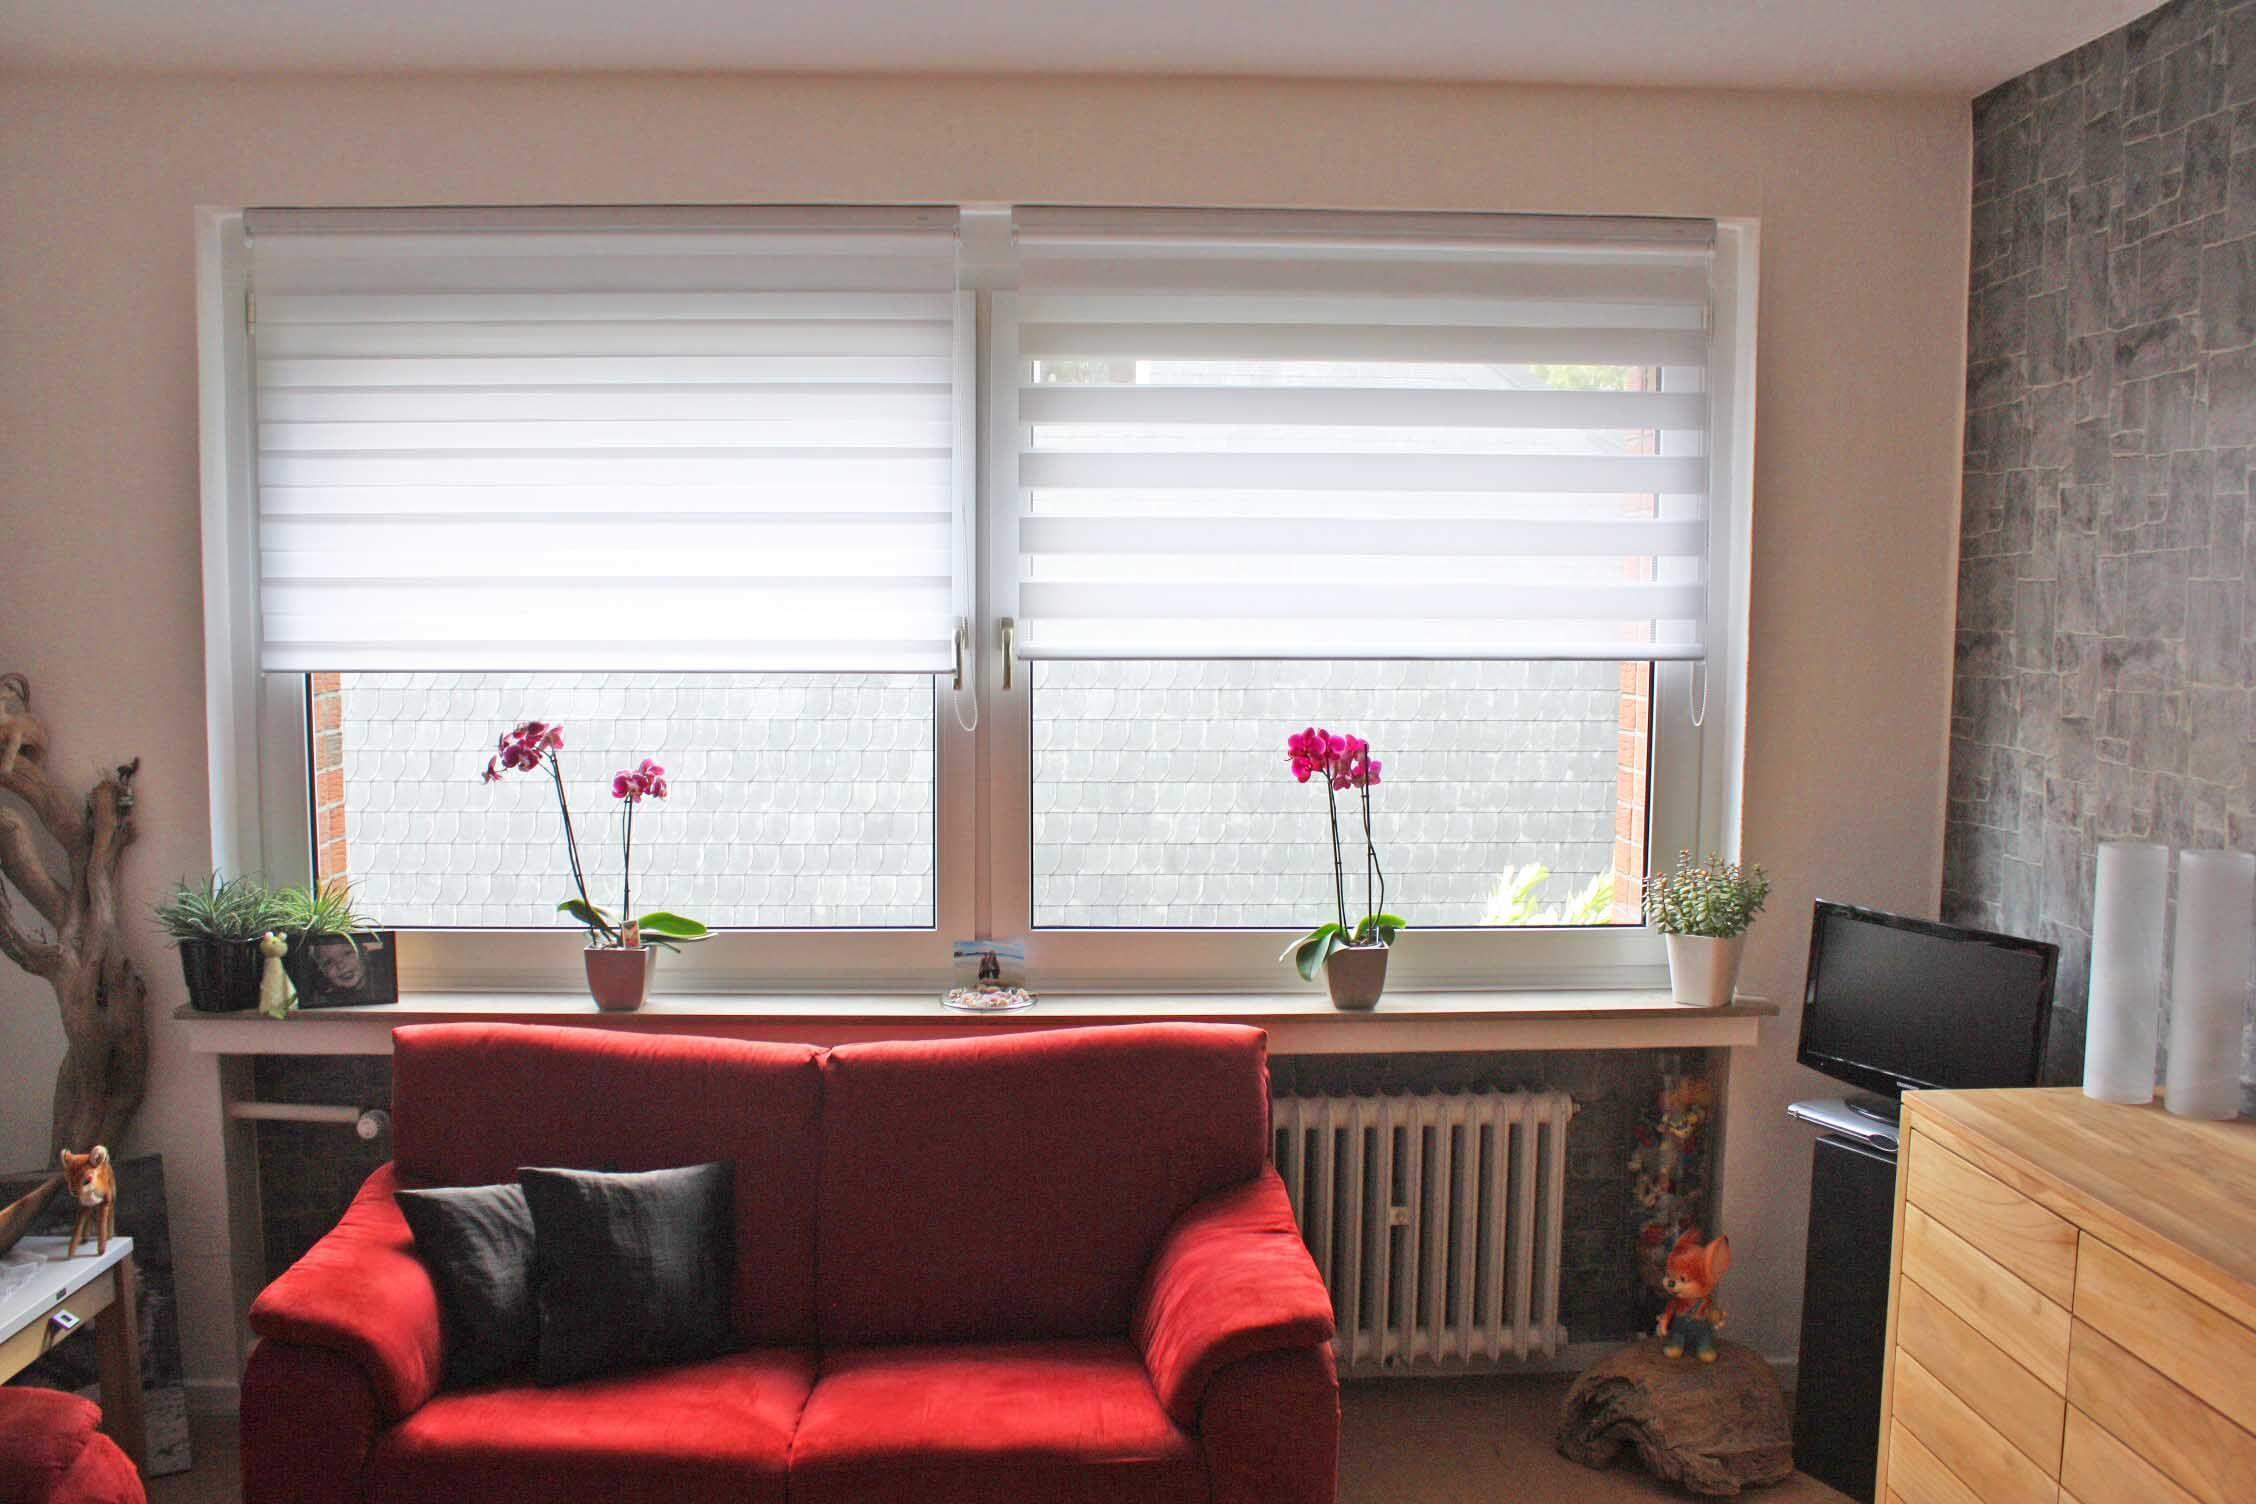 #rollo #wohnzimmer #couch #wohnidee Macht Euer Zuhause Schöner Mit Unseren  Rollos.